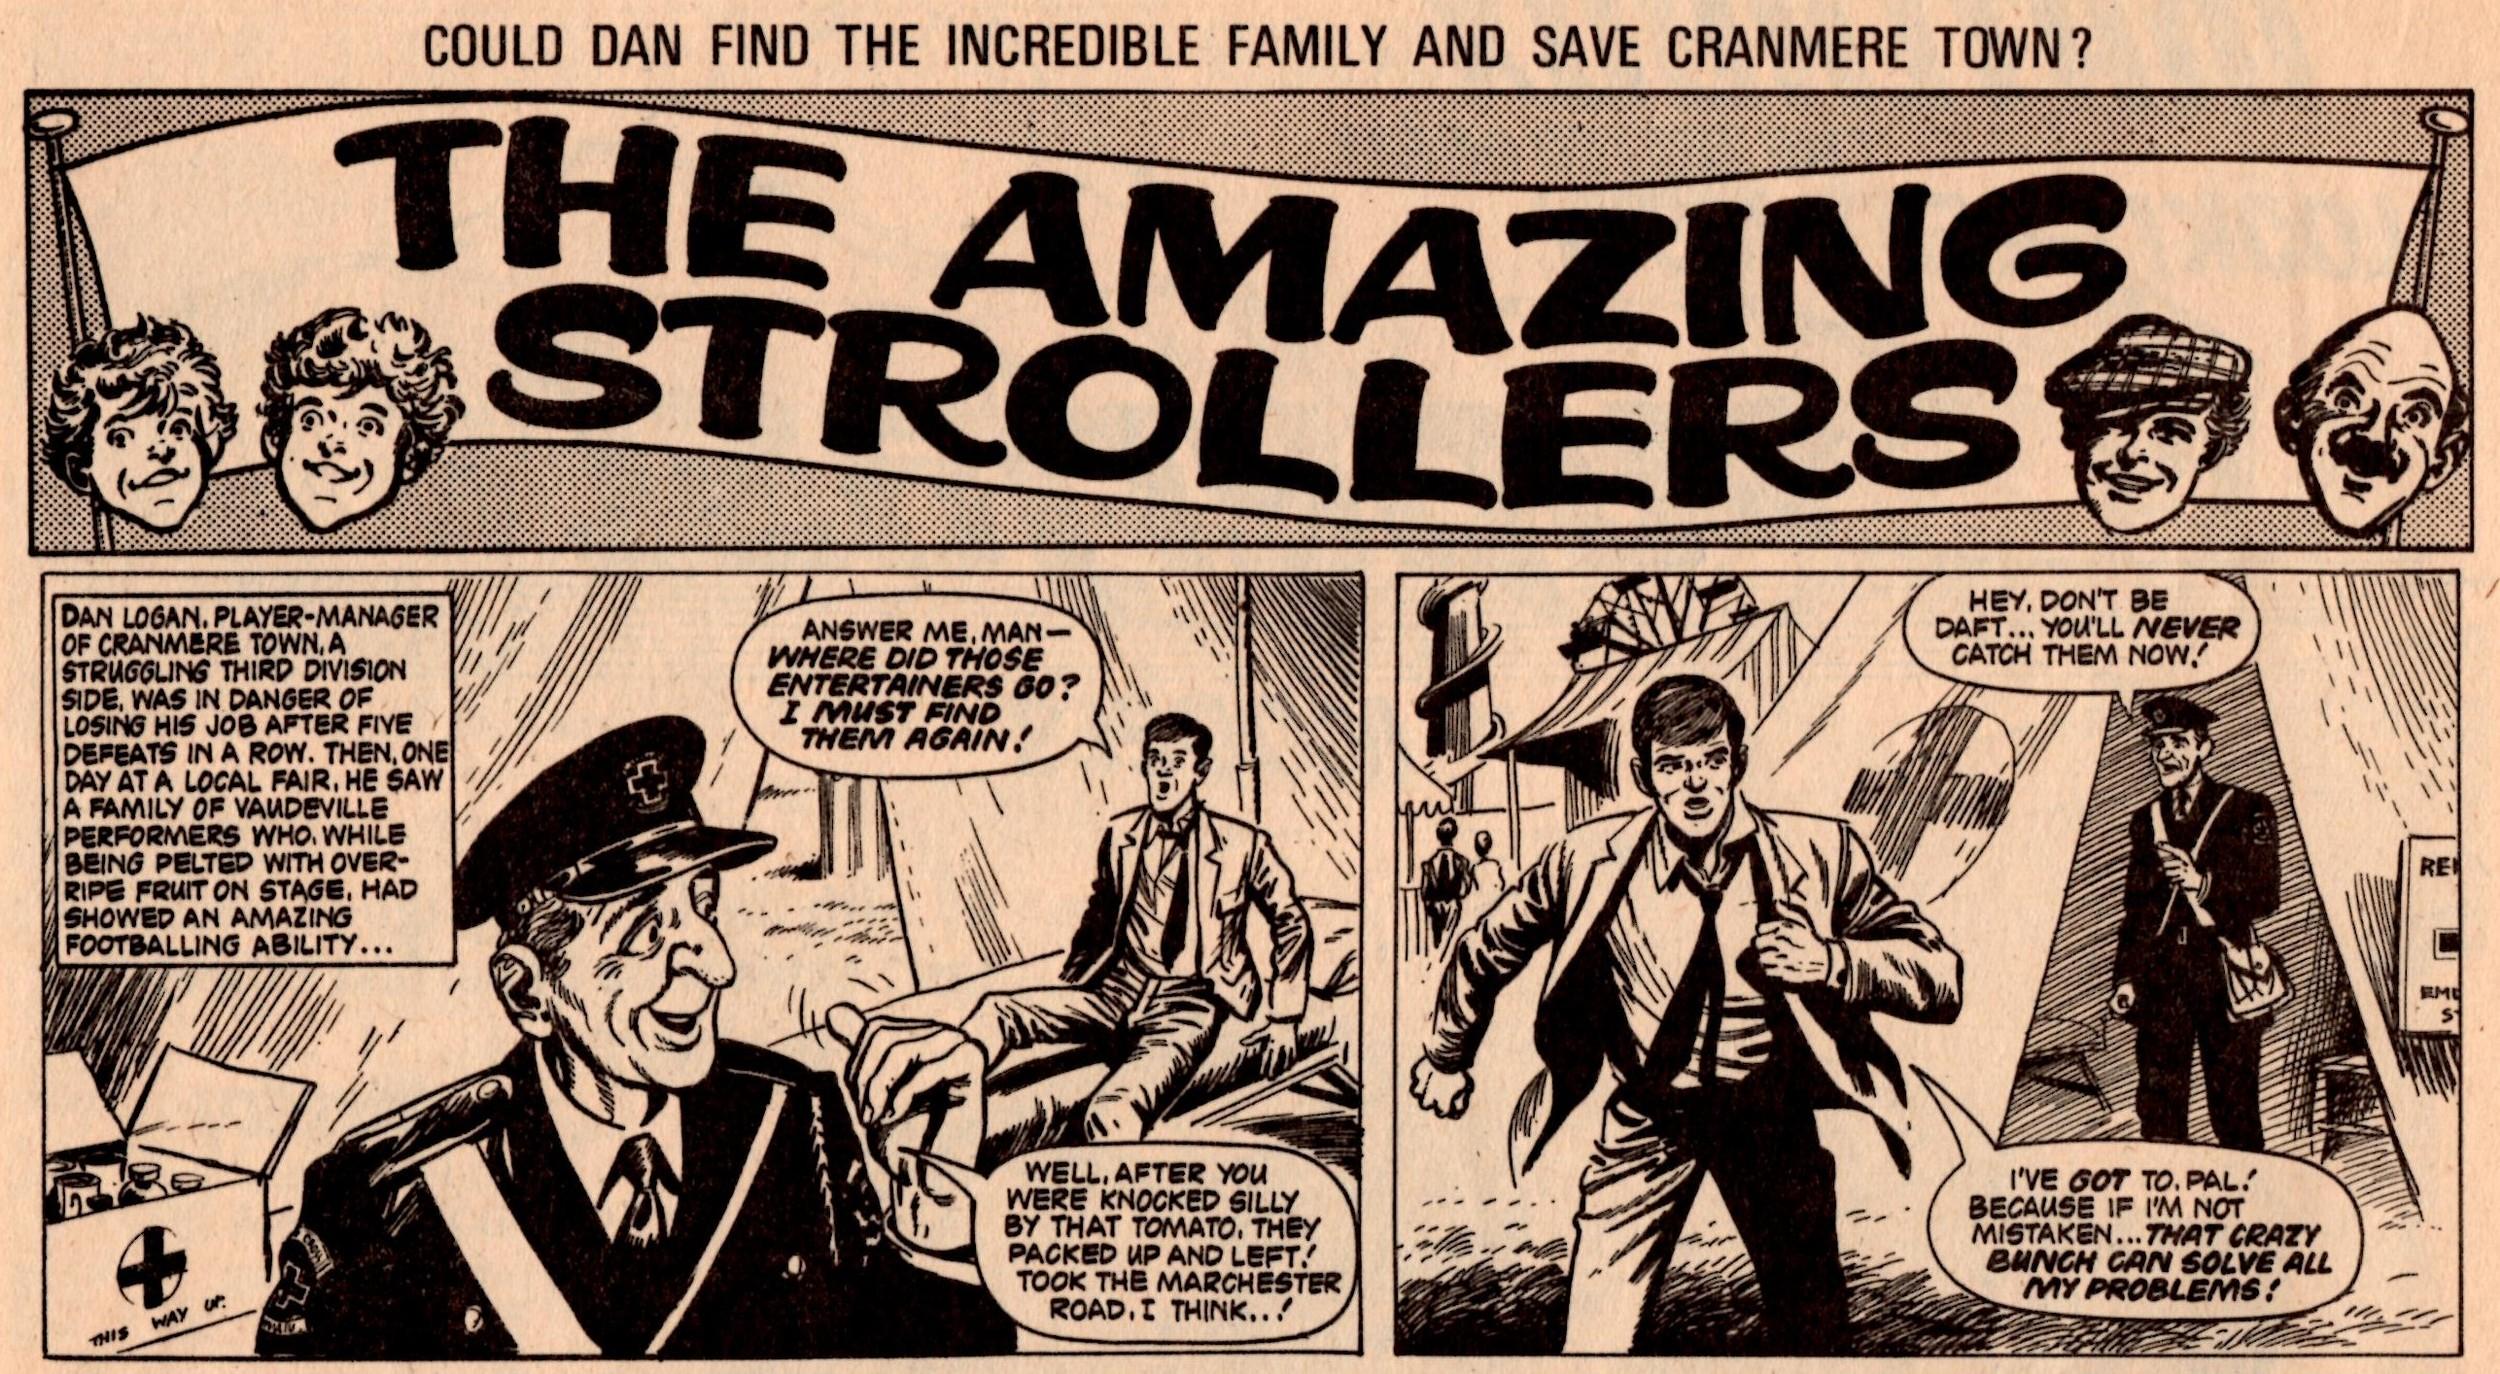 The Amazing Strollers: Scott Goodall (writer), John Stokes? (artist)